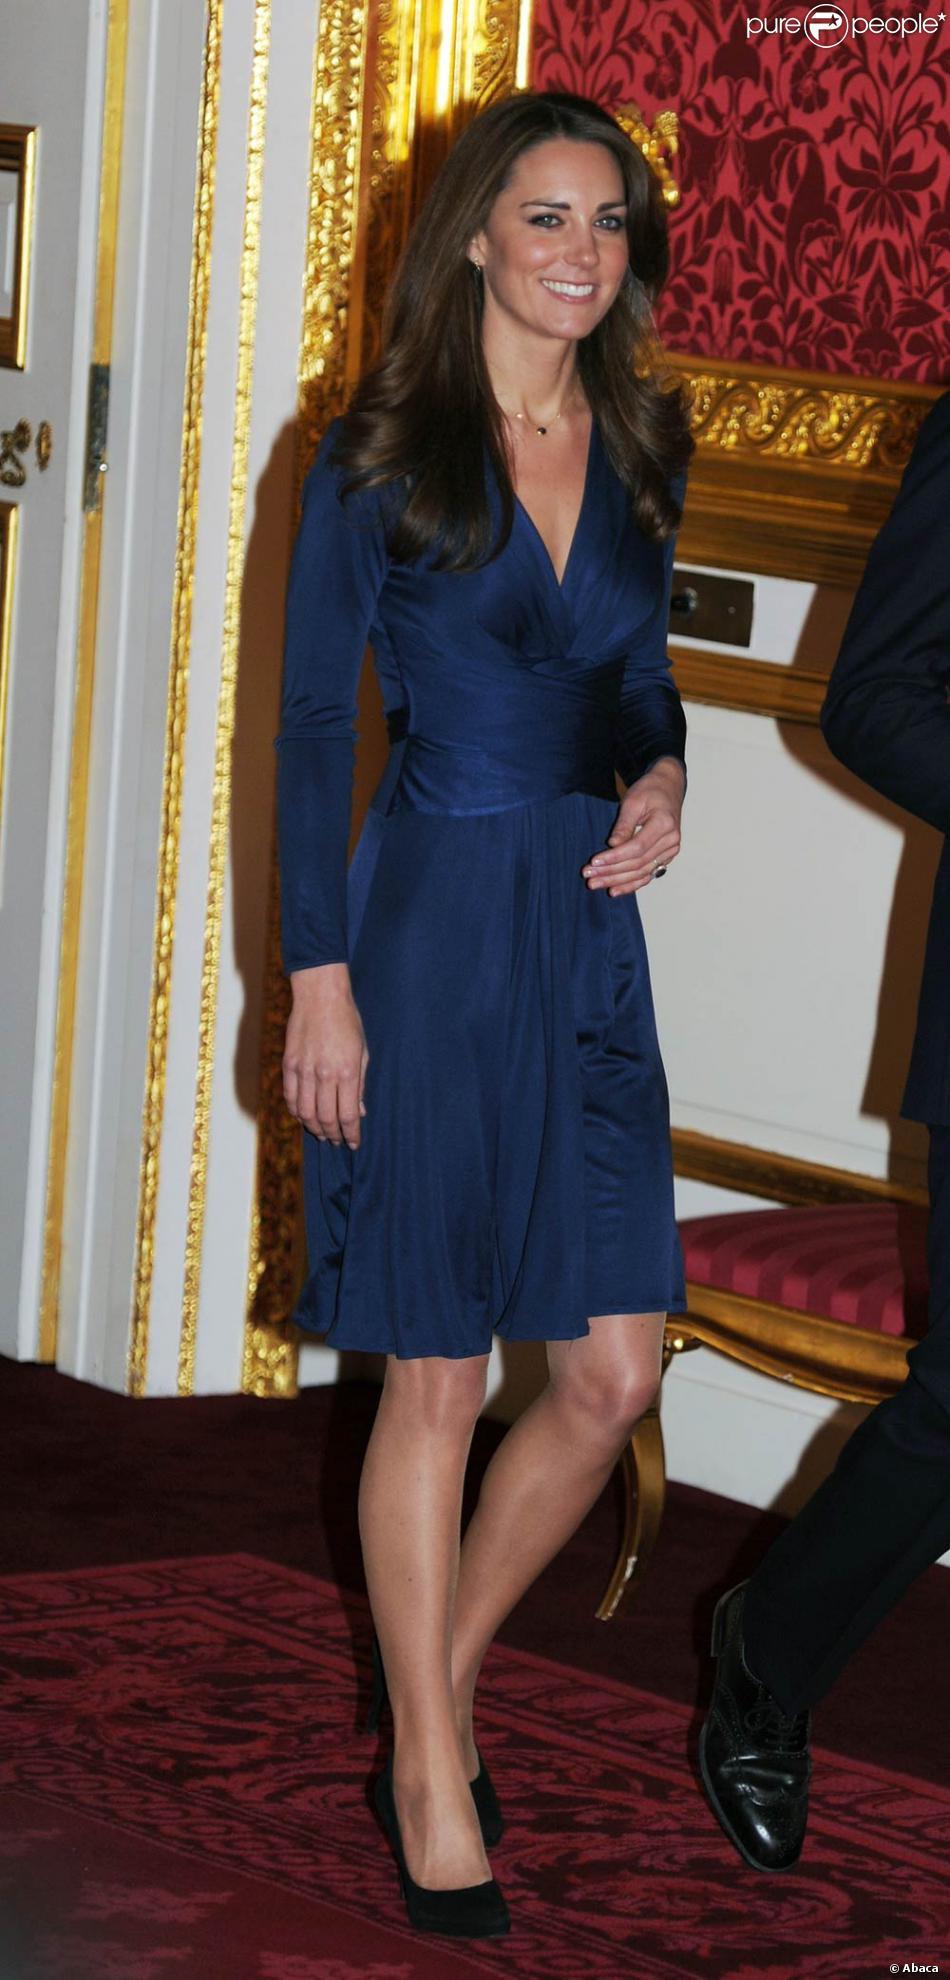 Pour L Annonce De Ses Fiancailles La Belle Kate Middleton A Choisi Une Robe Bleu Nuit Drappee Purepeople